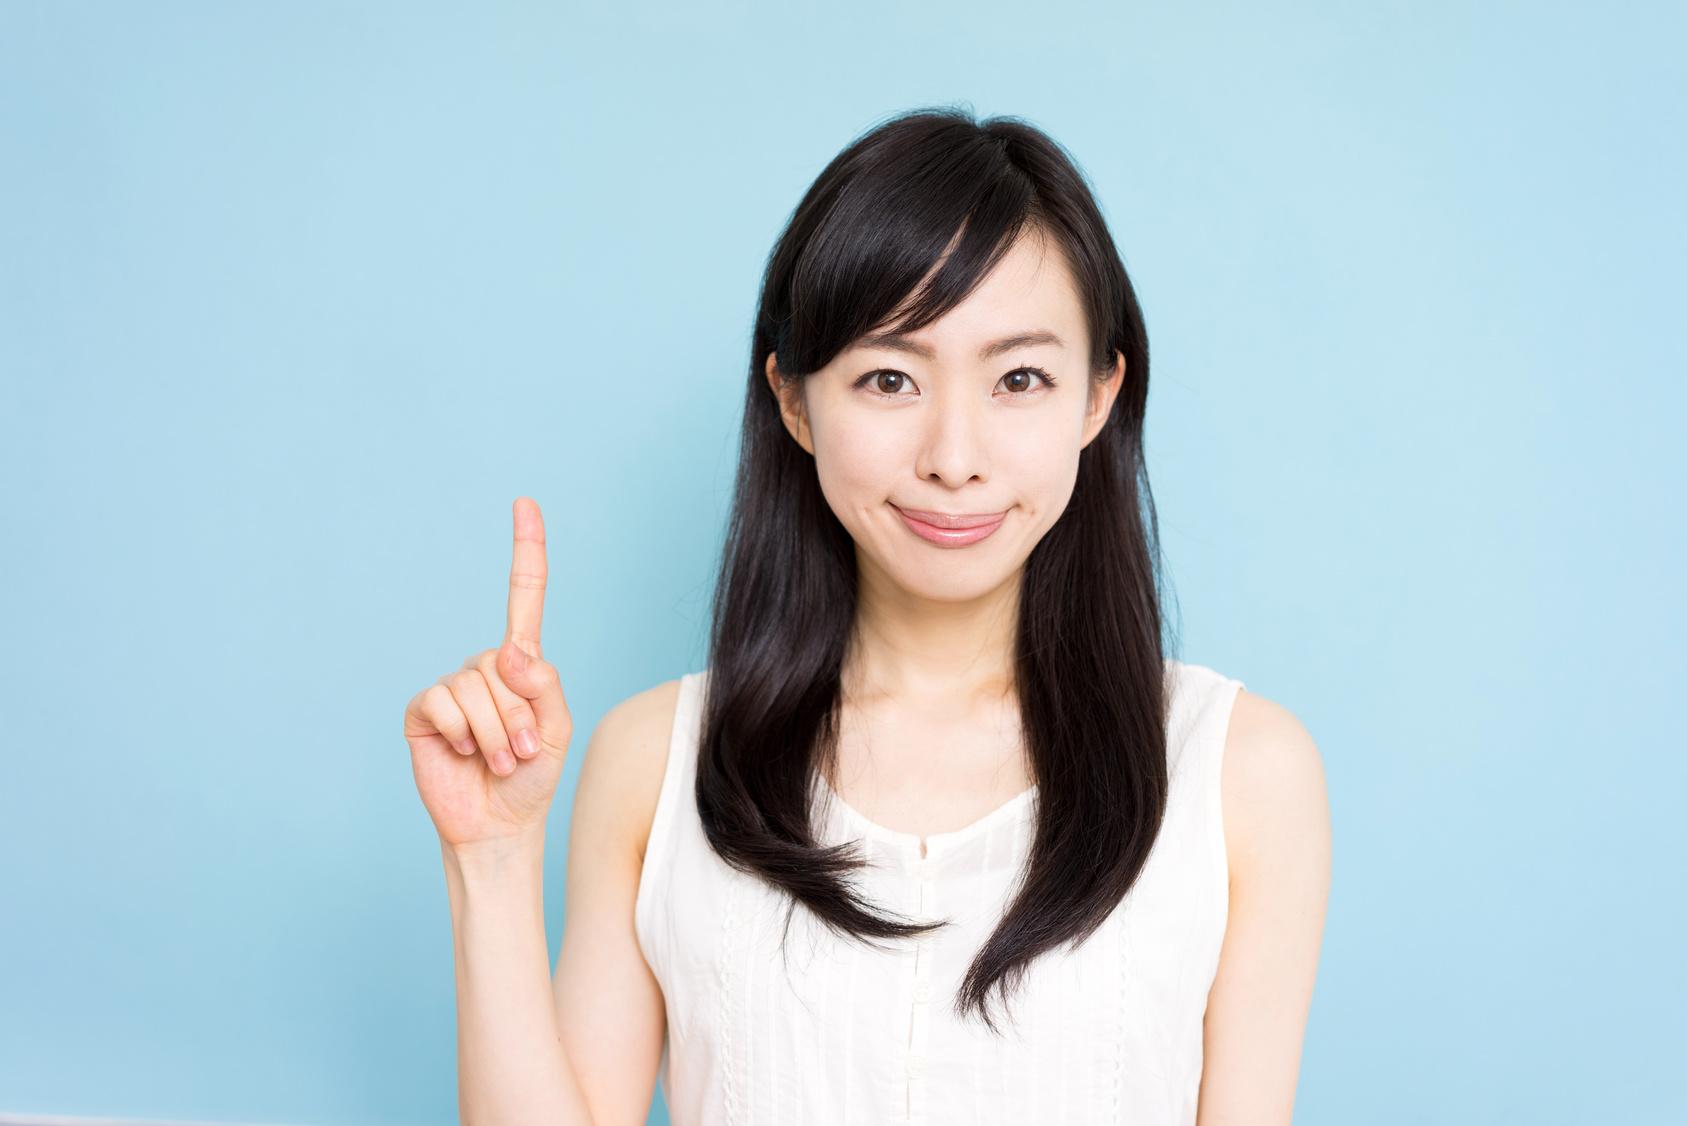 スマートガネデン乳酸菌の口コミと効果・副作用まとめ!痩せれる?